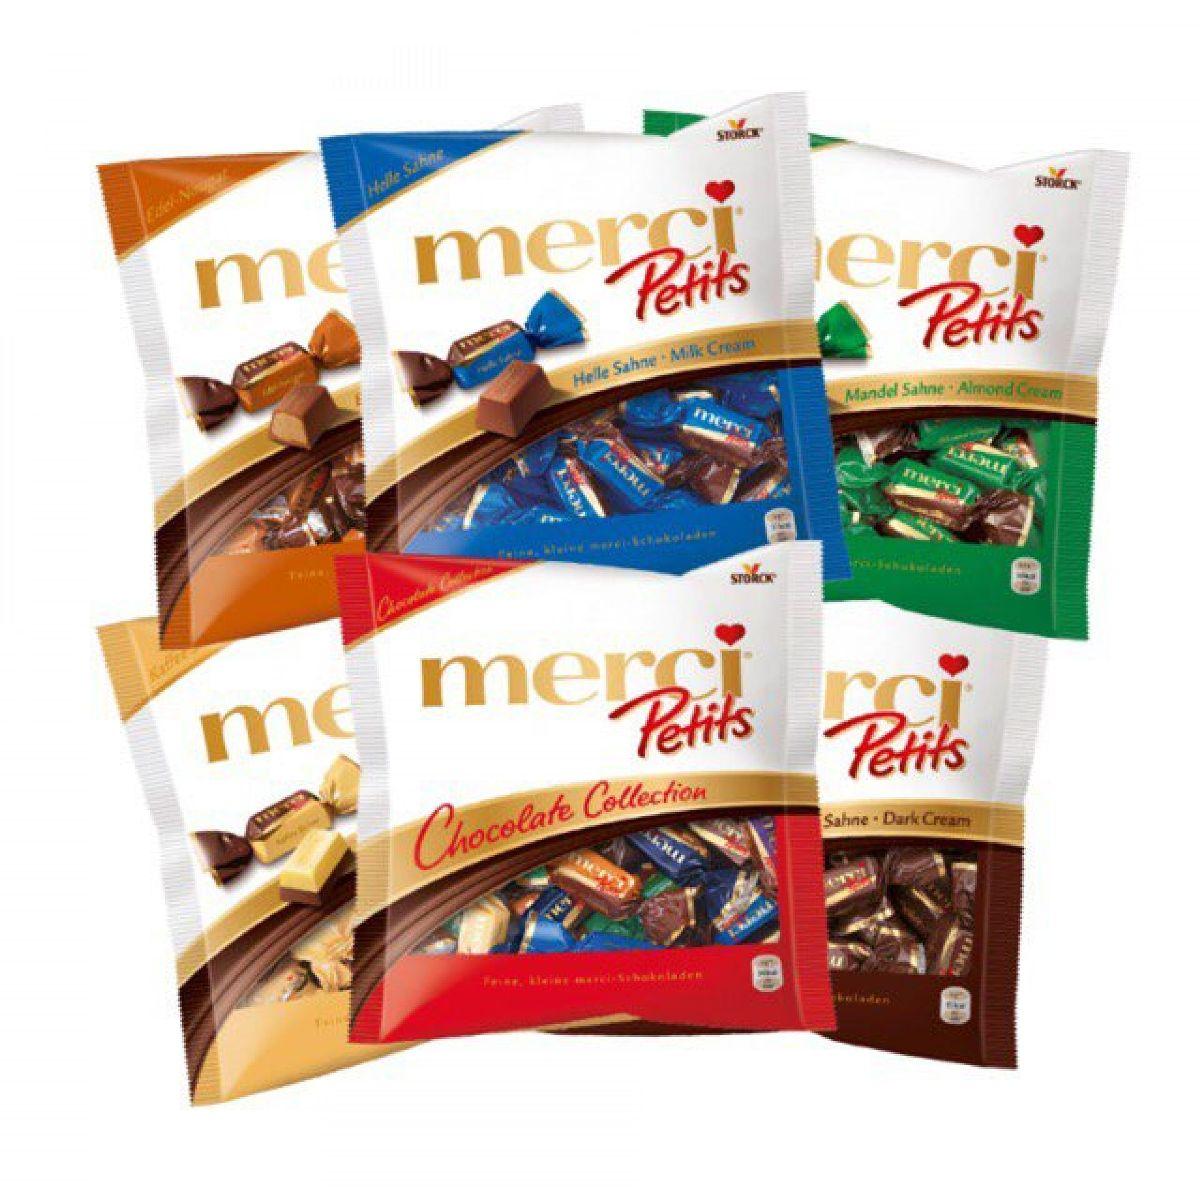 Kẹo sô cô la Merci Petits nhiều chọn lựa hương vị đa dạng trong dịp Tết